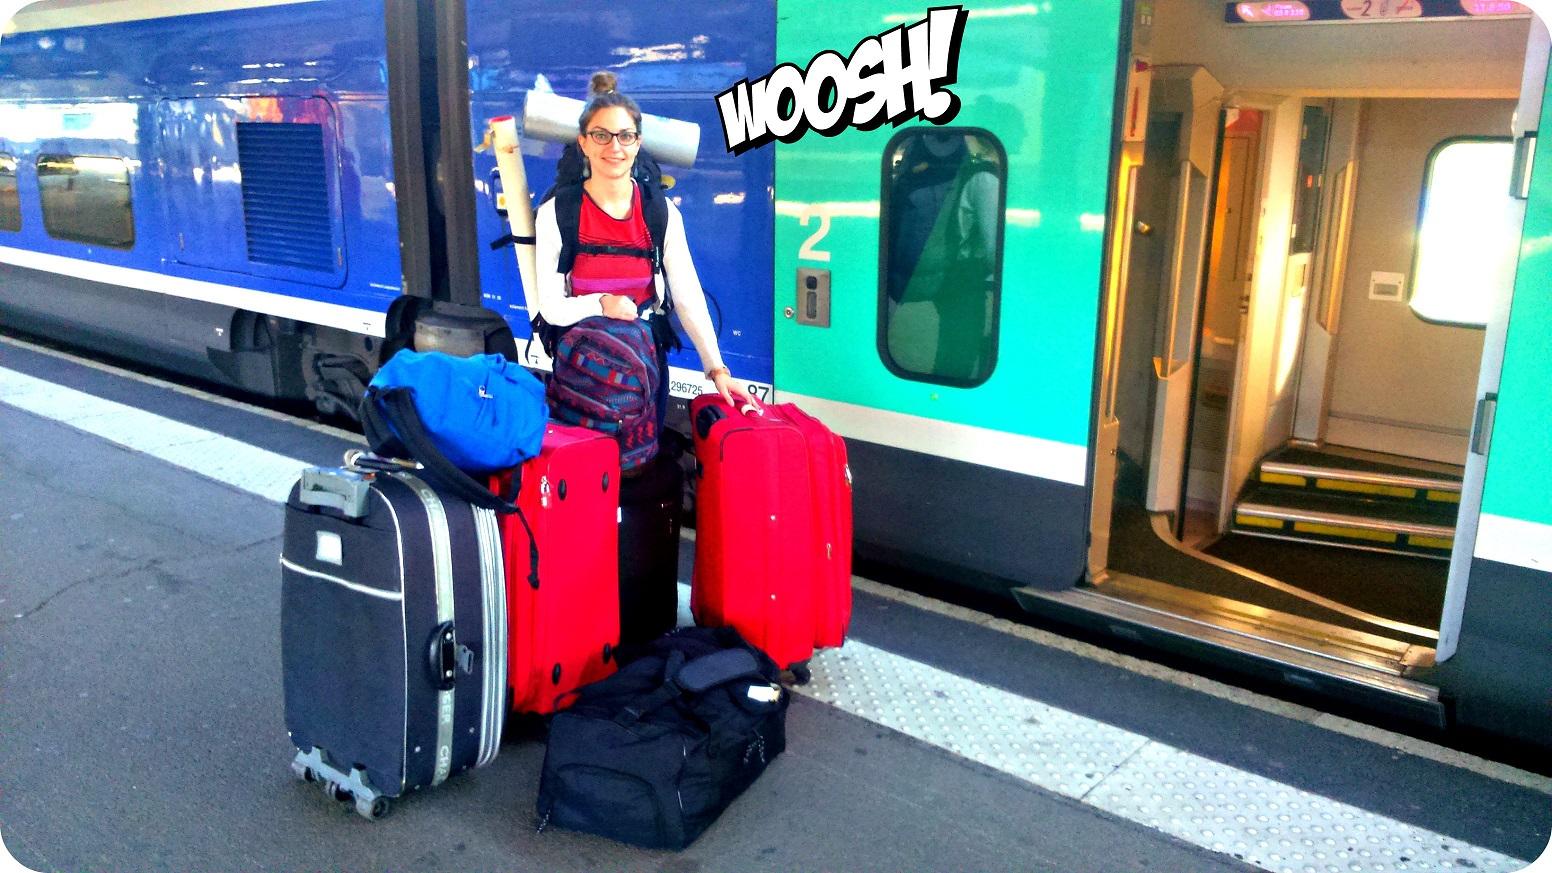 Charlène, en el andén de la estación de Nantes, ¡rodeada de 8 bolsos y maletas!